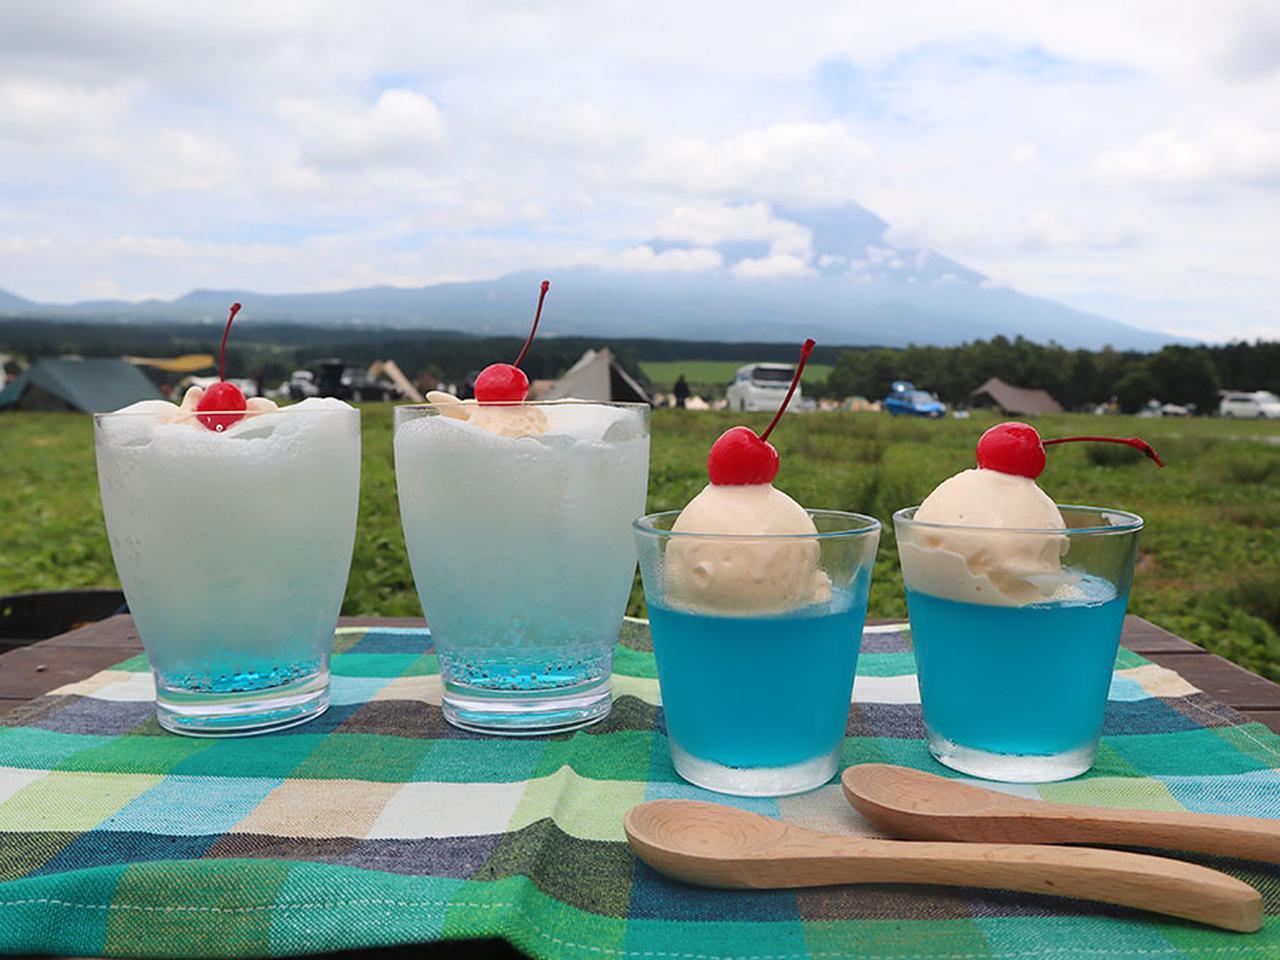 画像: みんなの「涼」なキャンプ飯!夏キャンプを快適にする7つのアイデア - アウトドア情報メディア「SOTOBIRA」